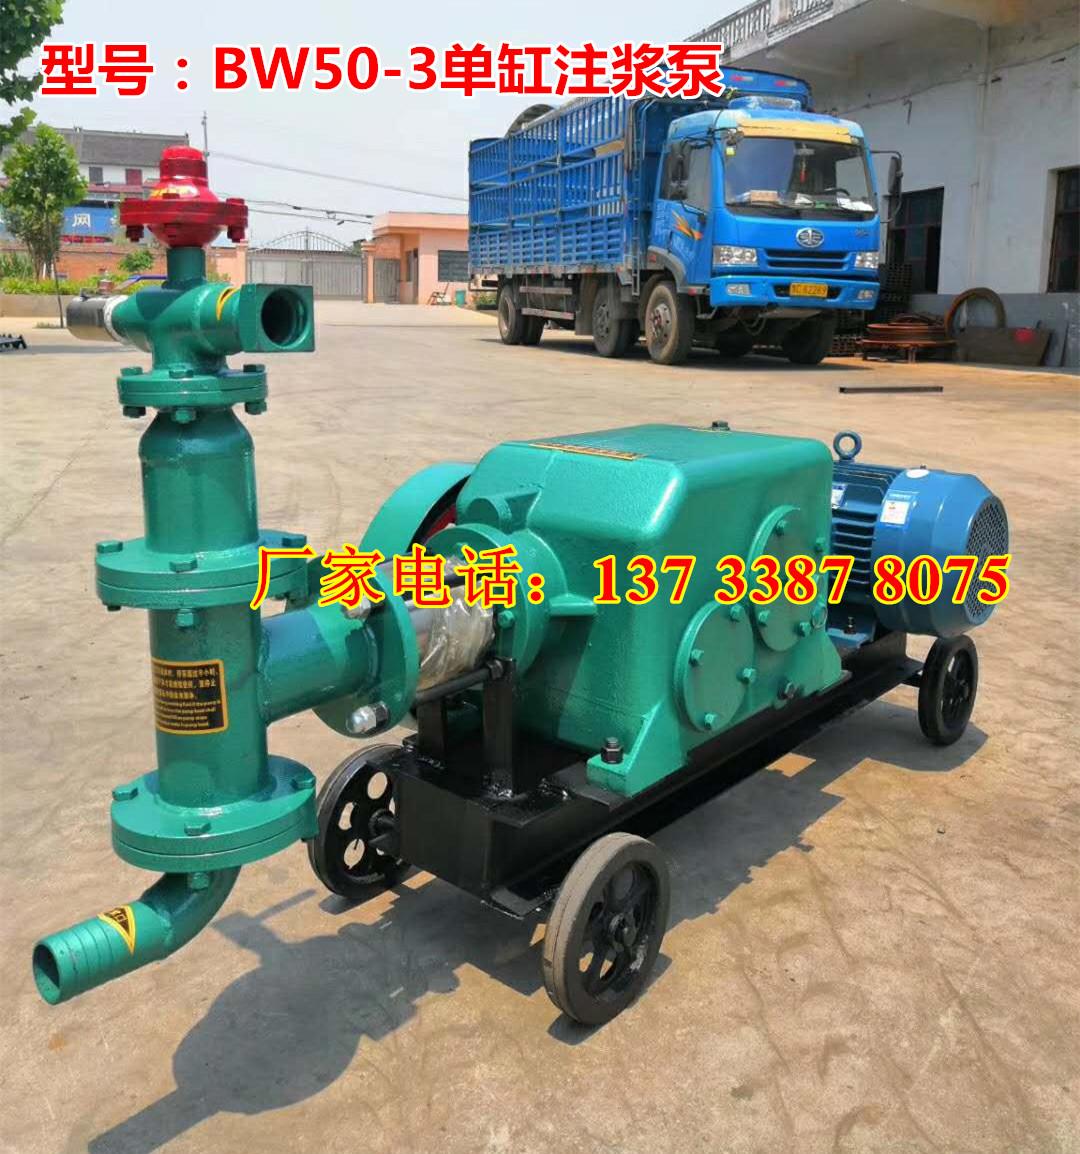 重庆渝中BW50-3单缸注浆机活塞式注浆机水泥灰浆注浆机